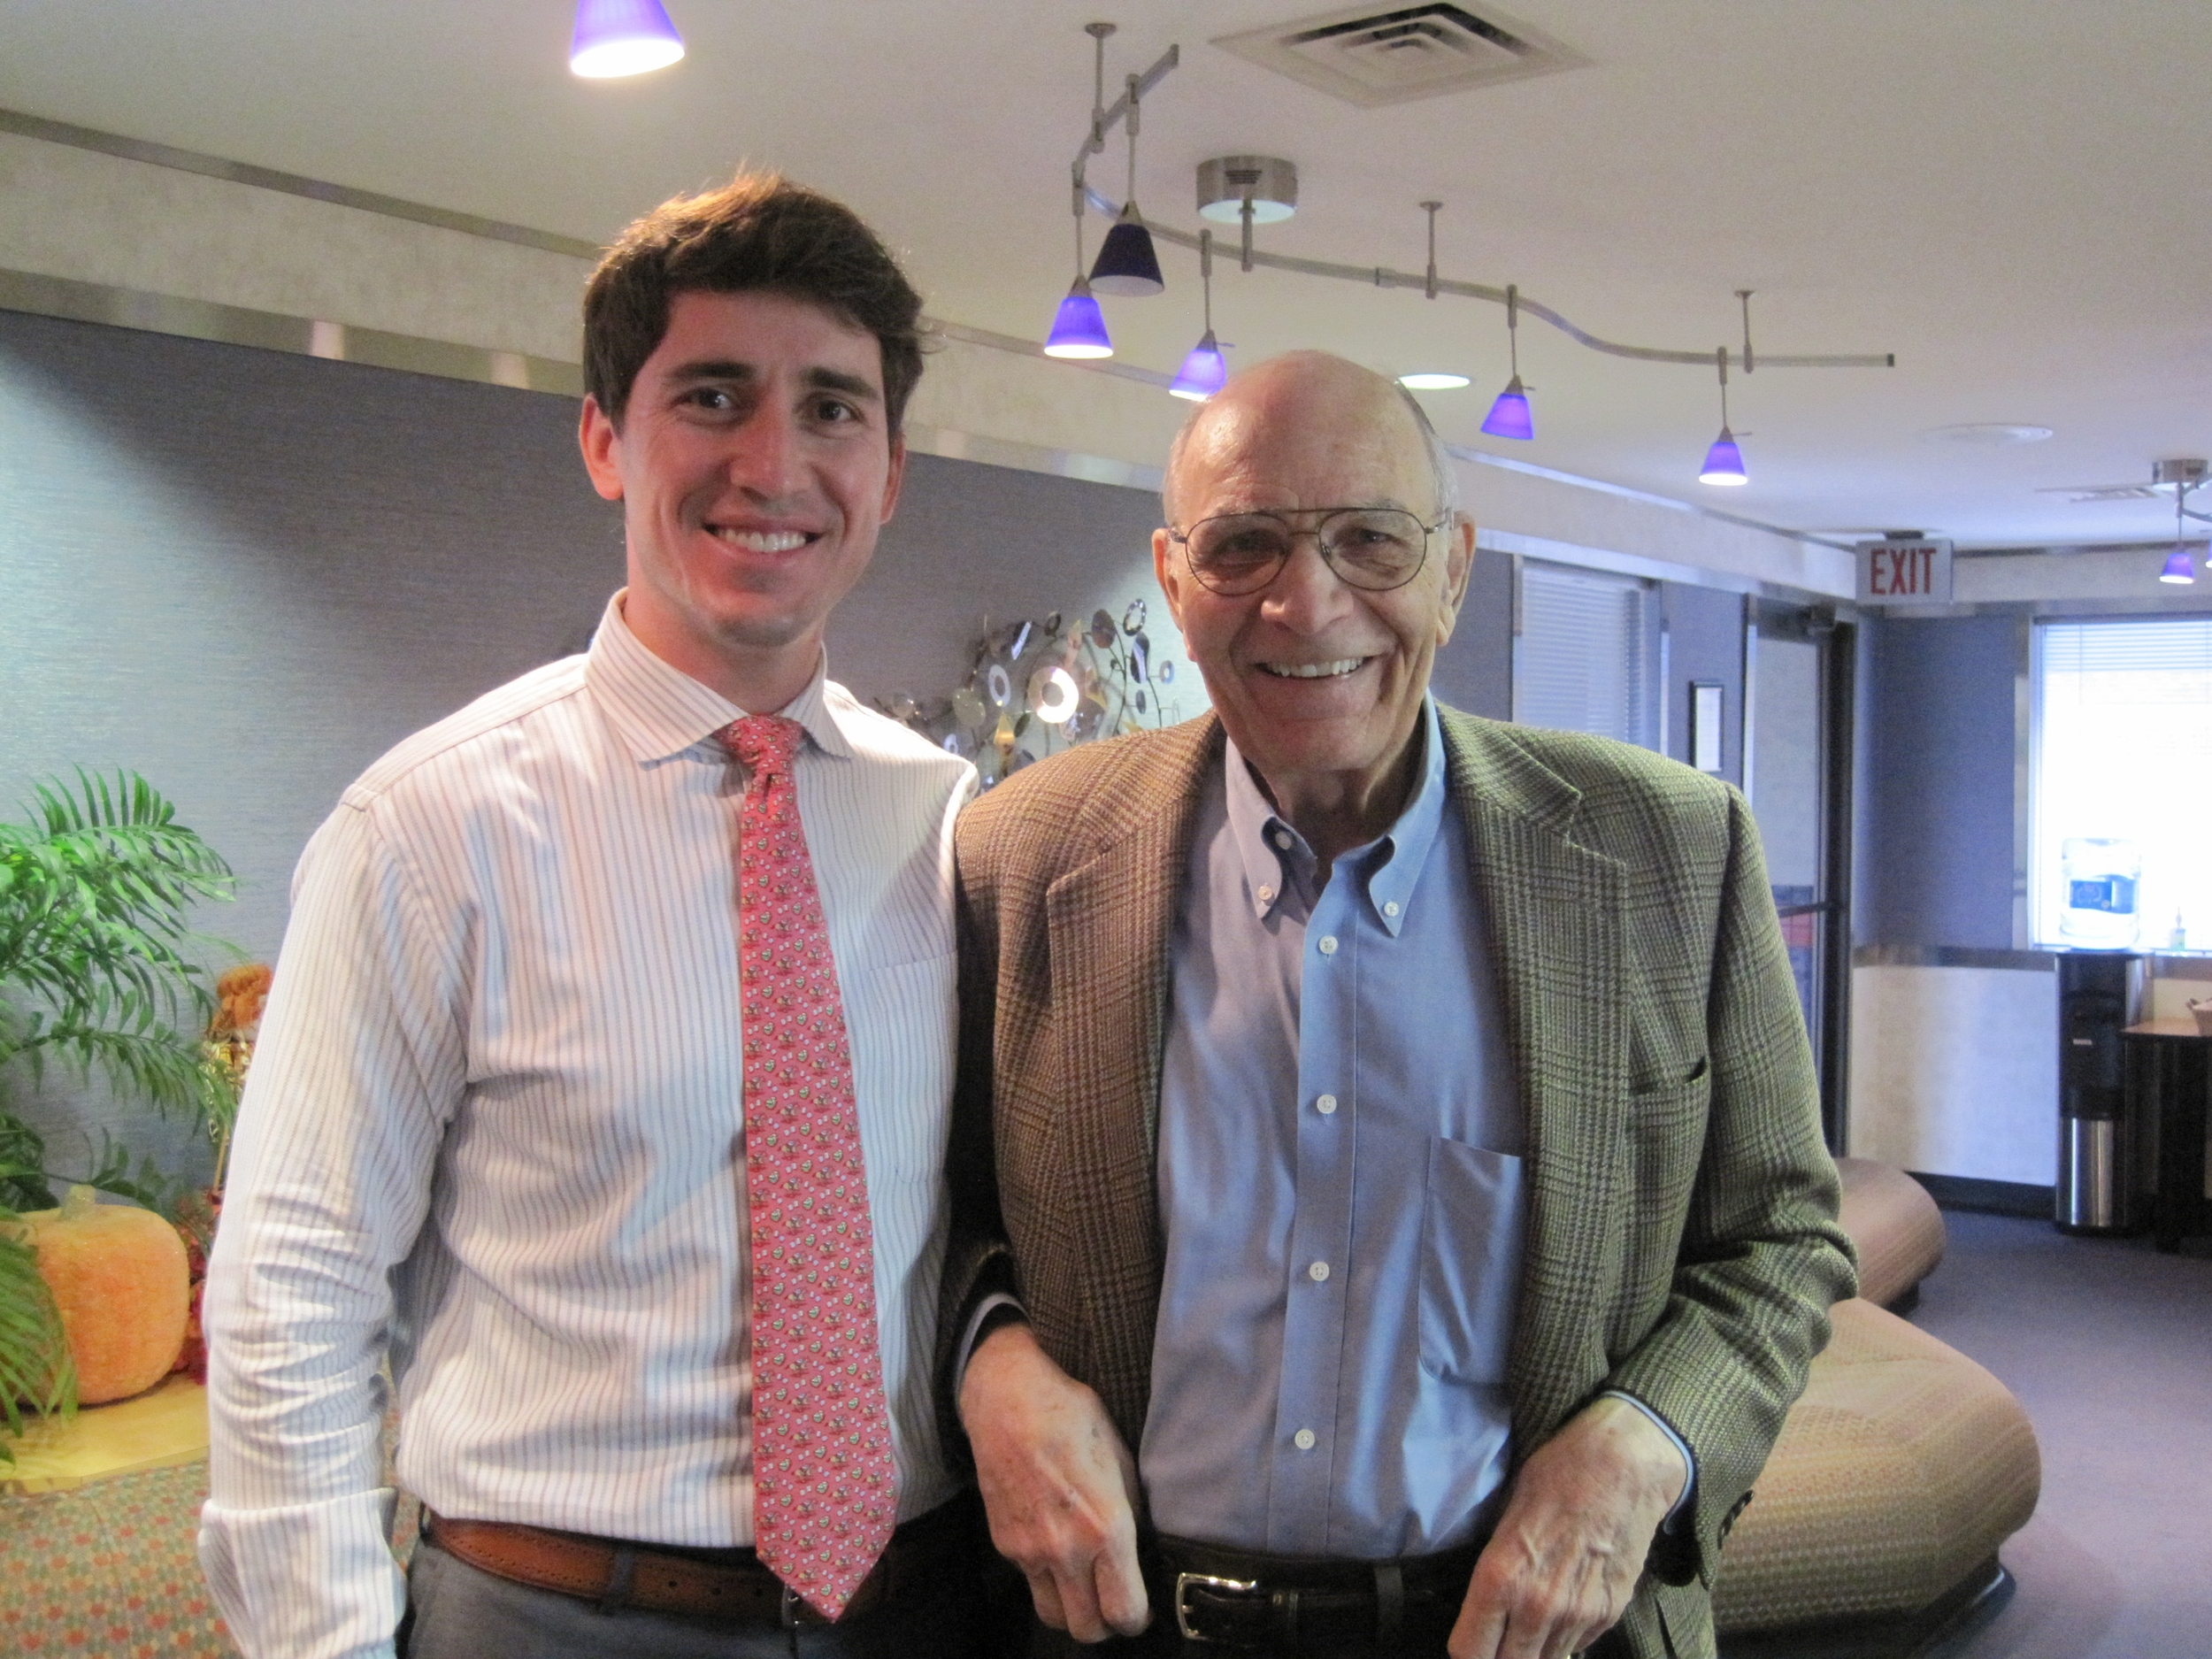 Drs. Glenn Cohen and Larry White